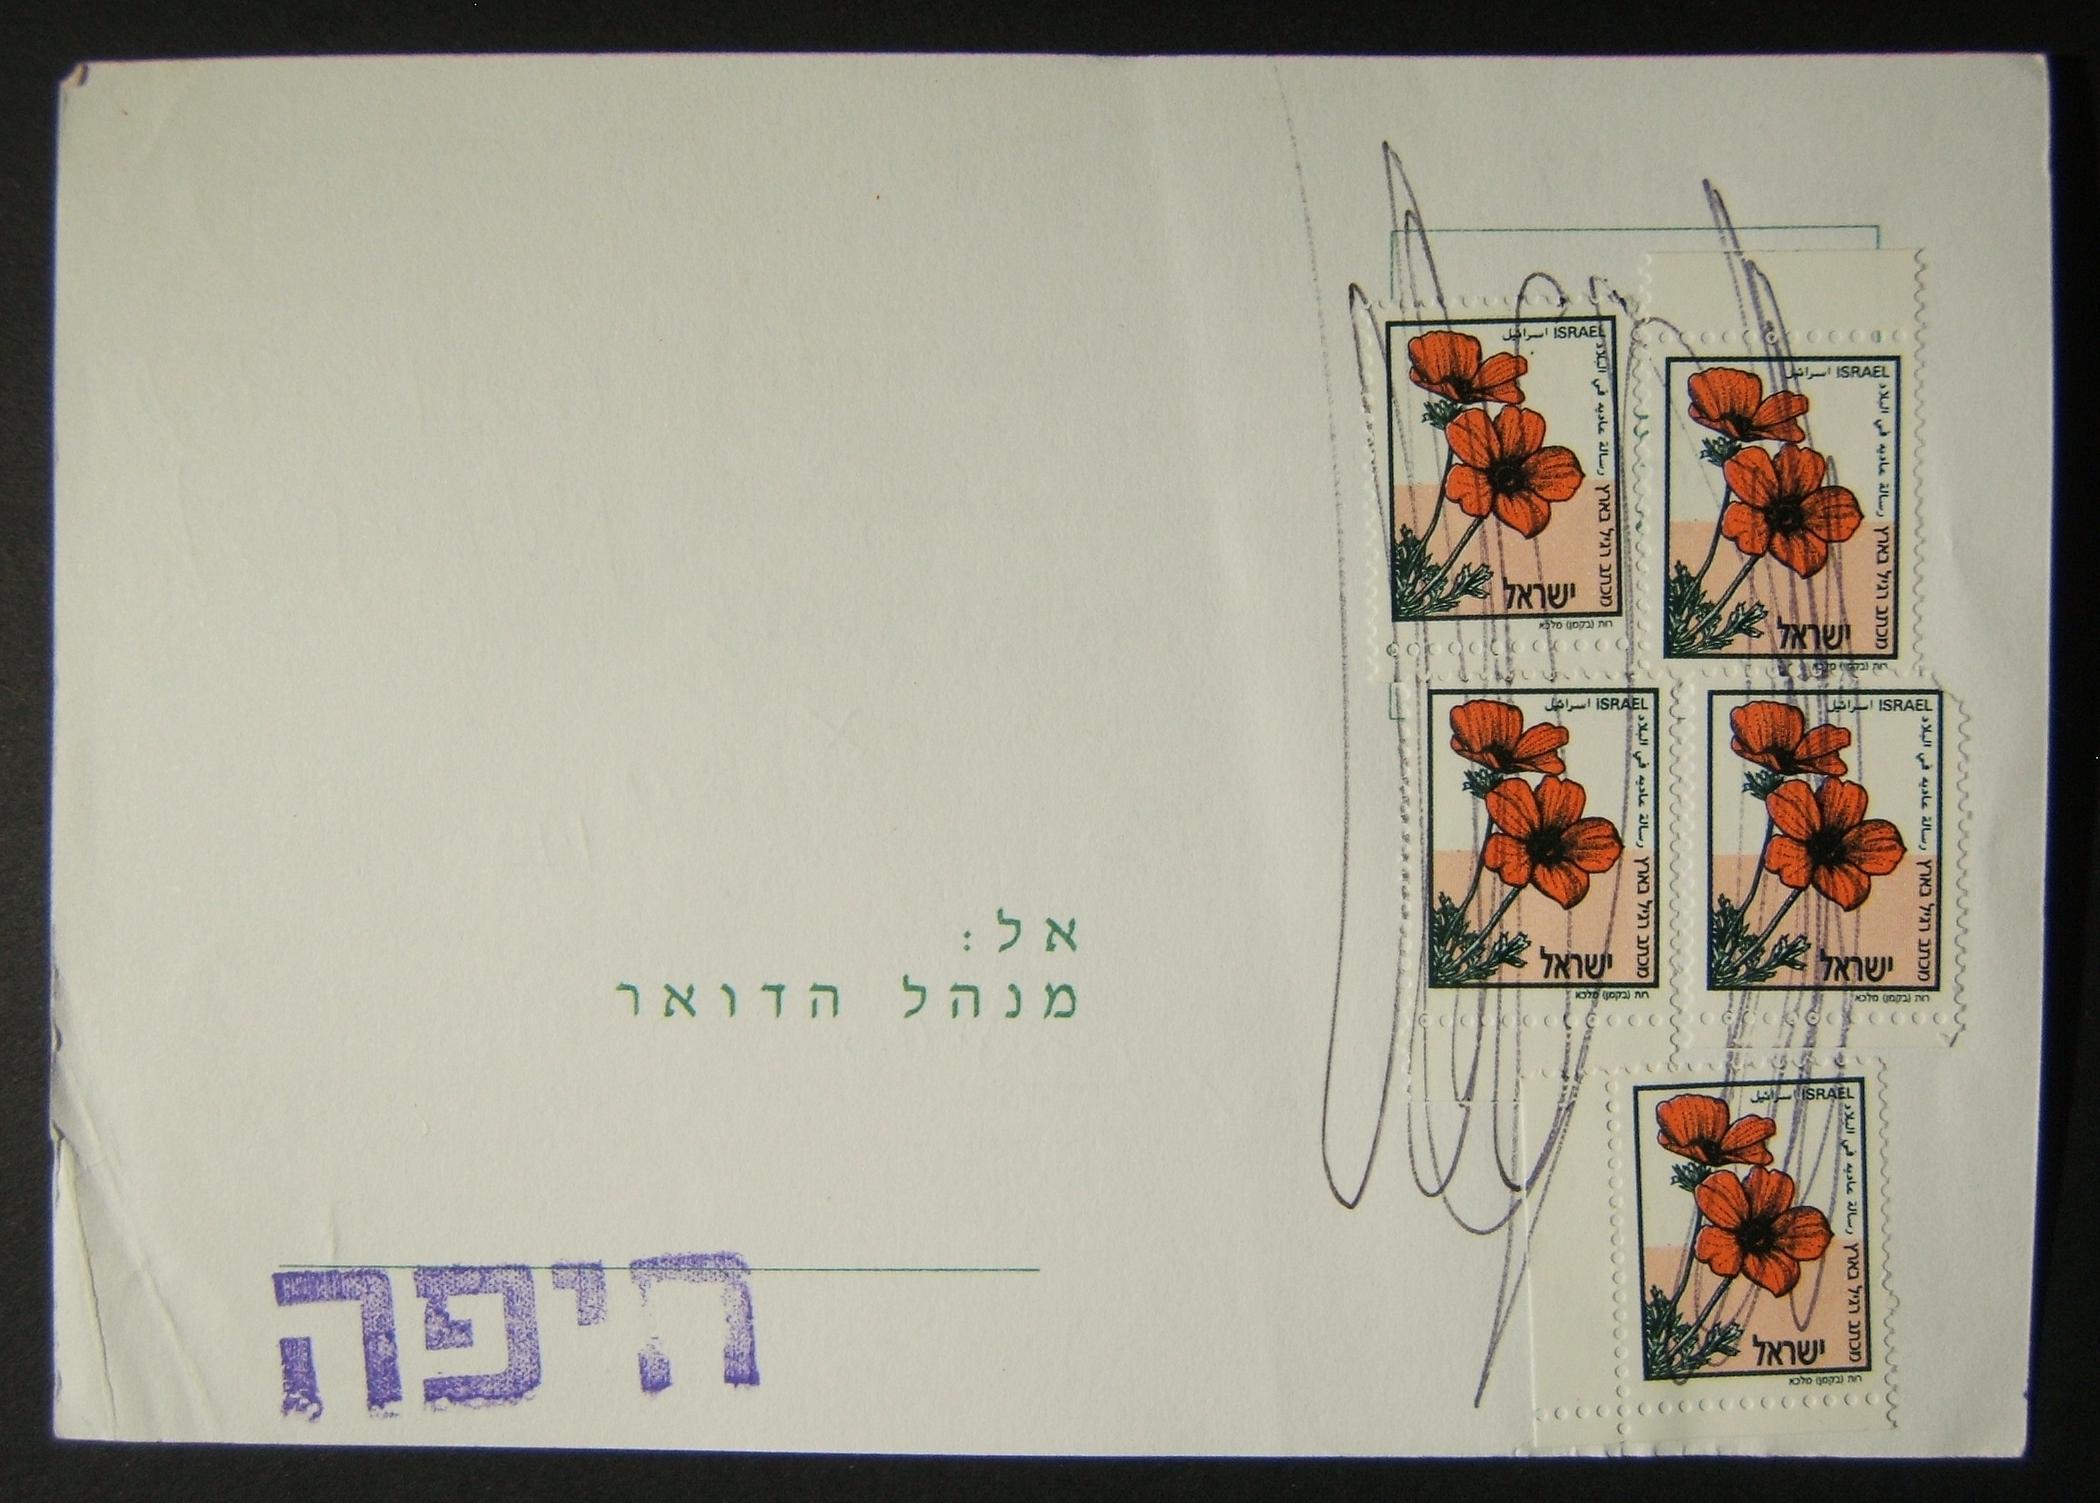 """1997 - 1997 - معدل فترة الضرائب للإفصاح عن الضرائب: 17 فبراير / شباط 1997 سعادة """"11/95"""" إخطار مرسل المرسل إلى NAZERAT ILLIT طلب صكوك إضافية لمحاولة إرسال 3 رسائل."""